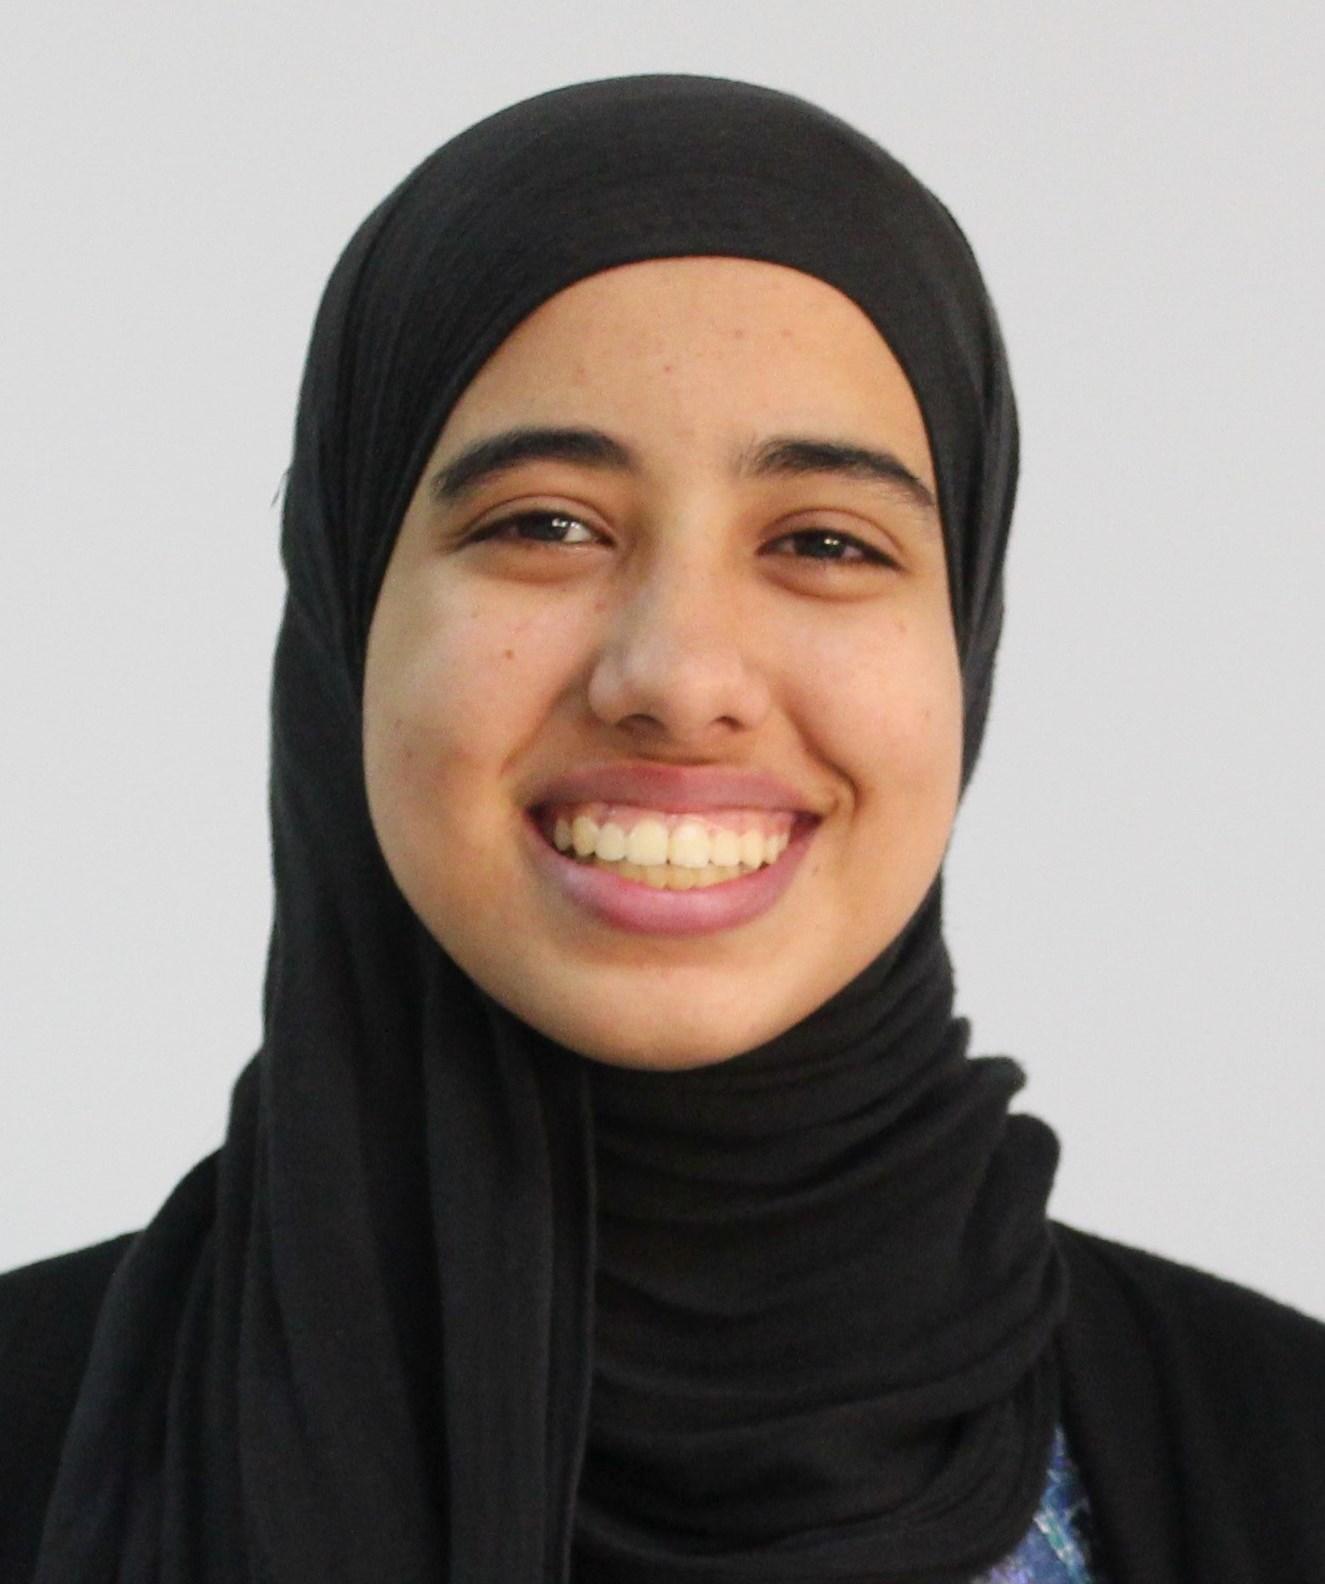 Alia El Kattan